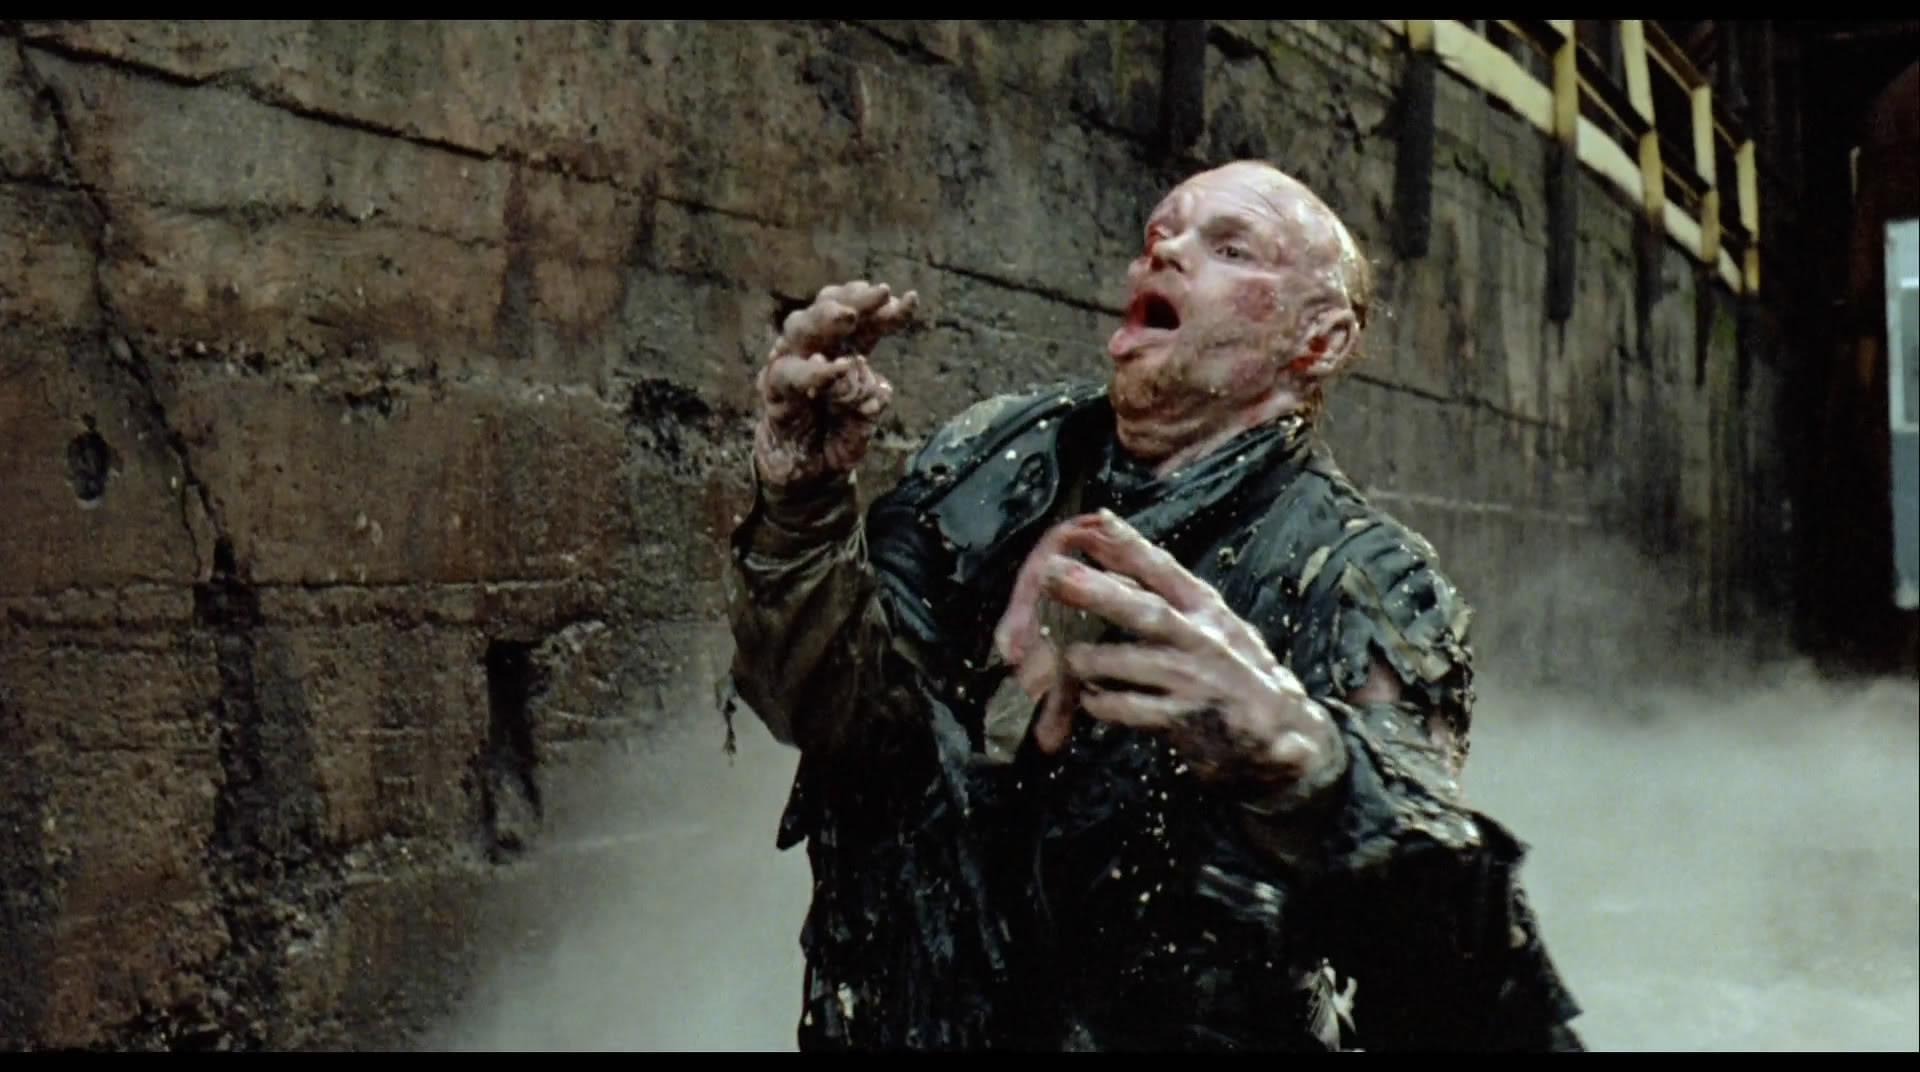 RoboCop (1987), Paul Verhoeven's ultra-violent cyborg cop movie ...